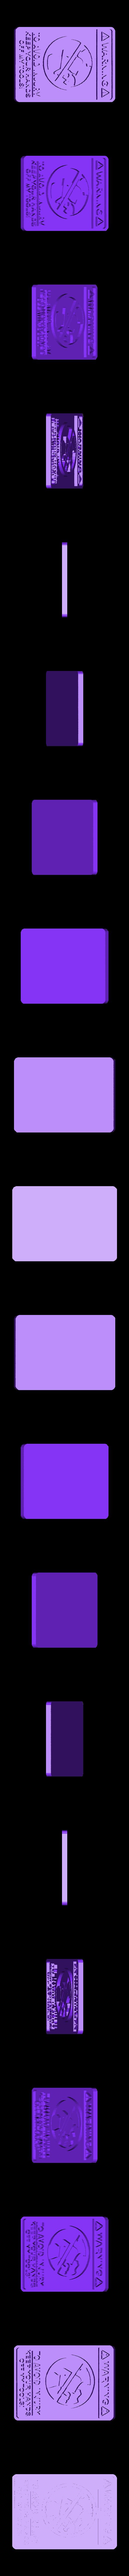 Keep_Hands_Off_Sign.stl Télécharger fichier STL gratuit Panneau d'avertissement amusant - Ne touchez à rien • Plan pour imprimante 3D, FiveNights